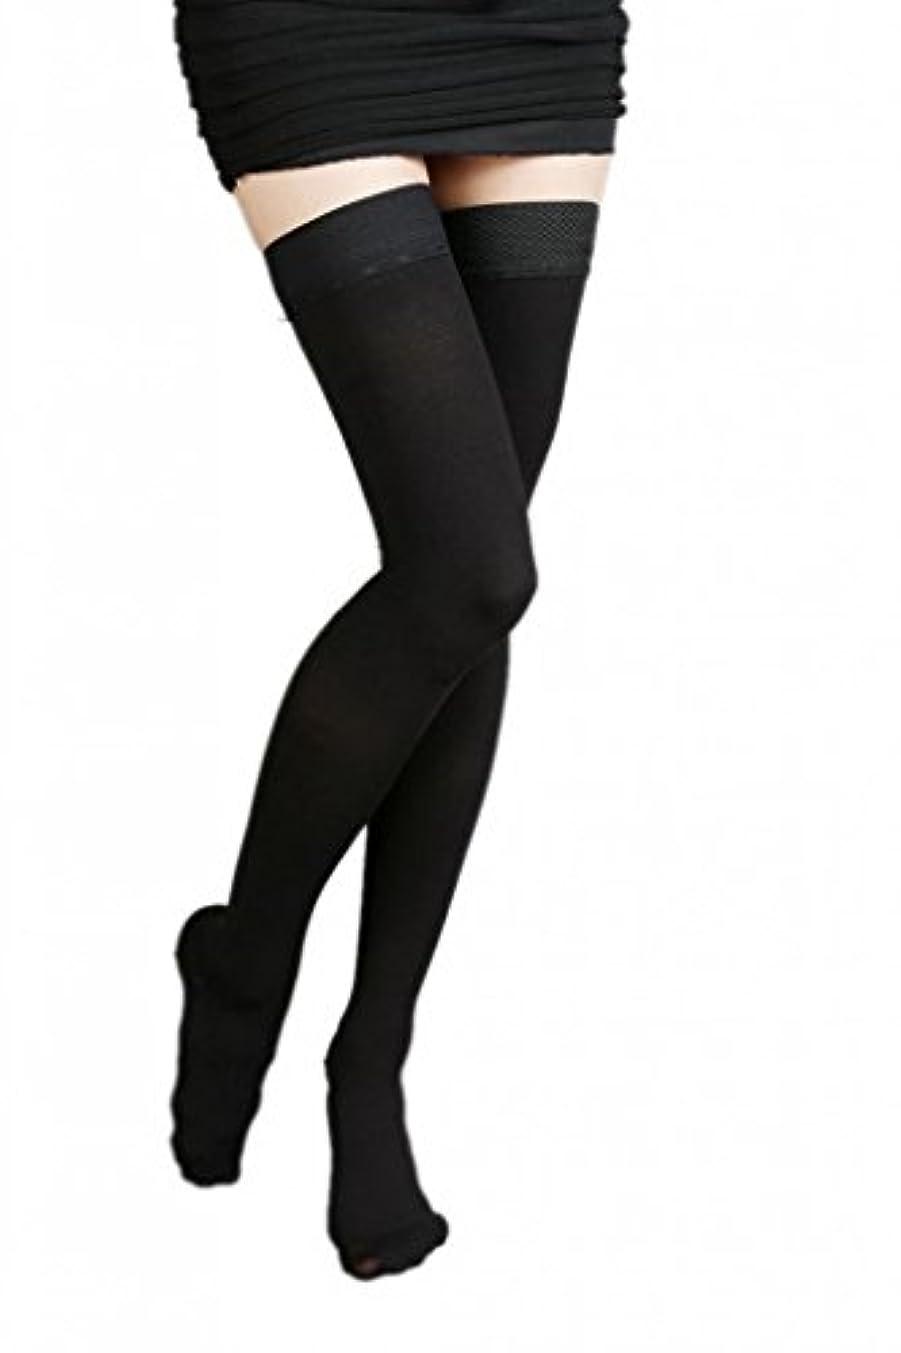 カウンターパート同じ酸度(ラボーグ)La Vogue 美脚 着圧オーバーニーソックス ハイソックス 靴下 弾性ストッキング つま先あり着圧ソックス XL 1級低圧 黒色